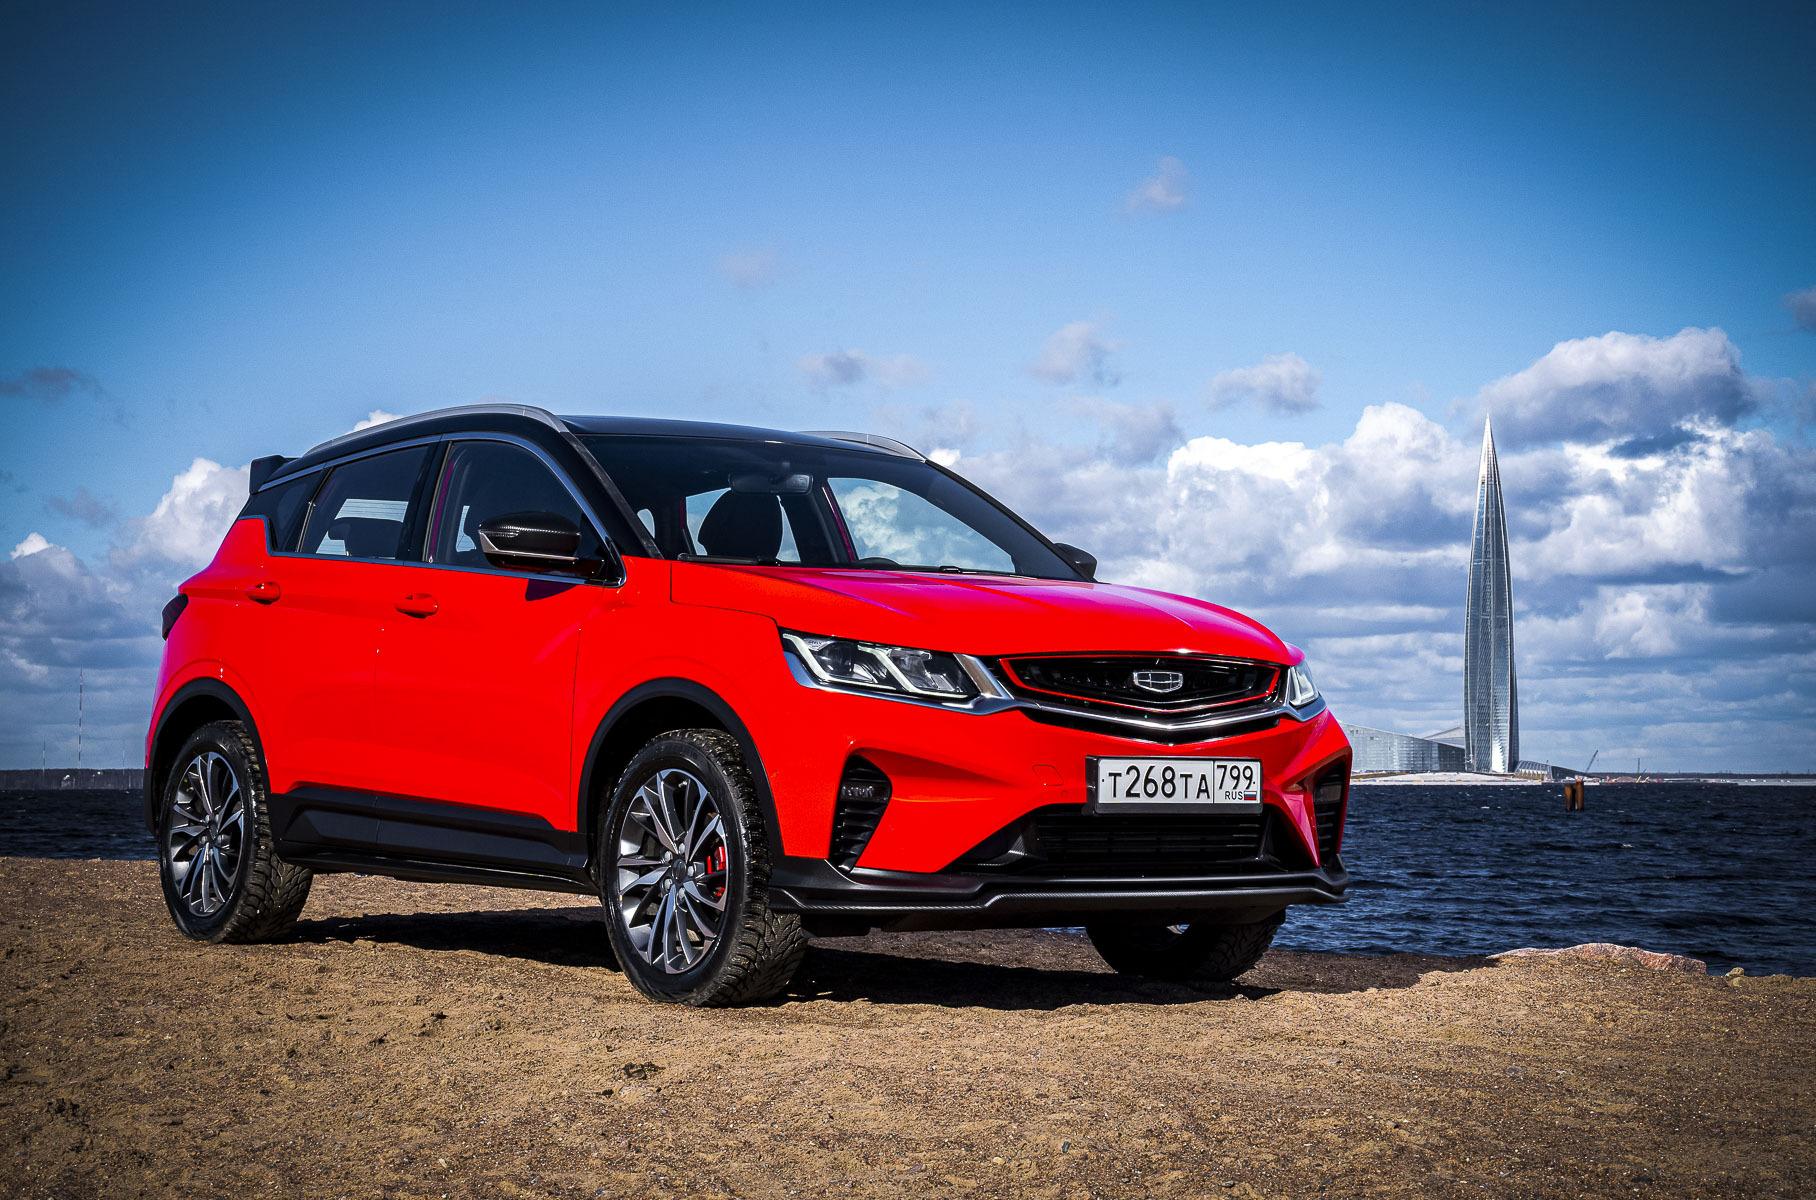 Автомобили из Китая, которые приехали в Россию в 2020 году Селектор